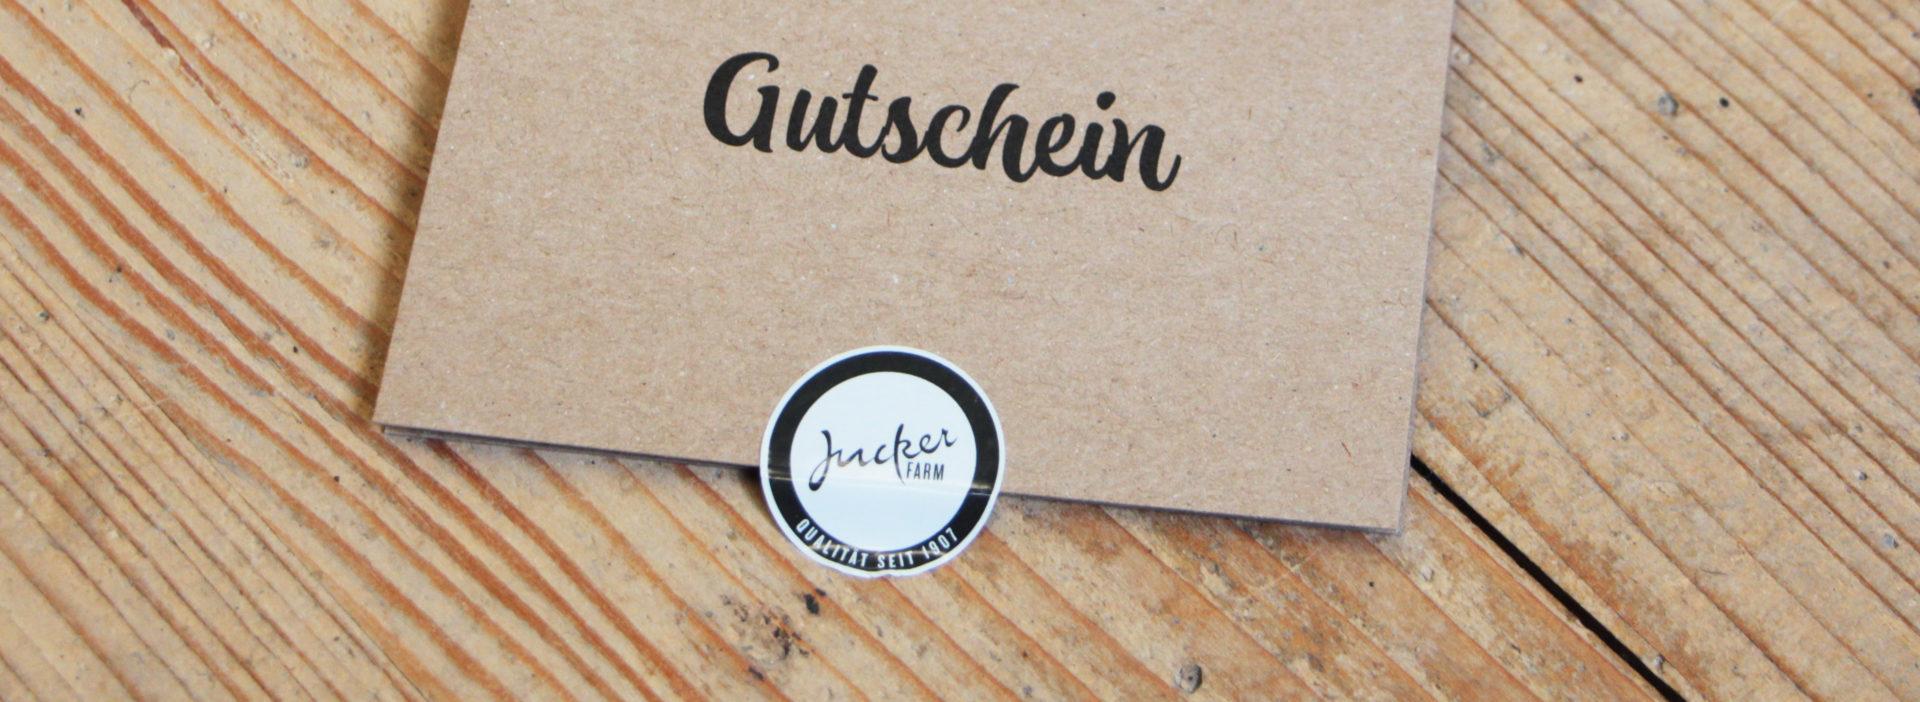 Geschenkkarte vom Bauernhof JuckerFarm